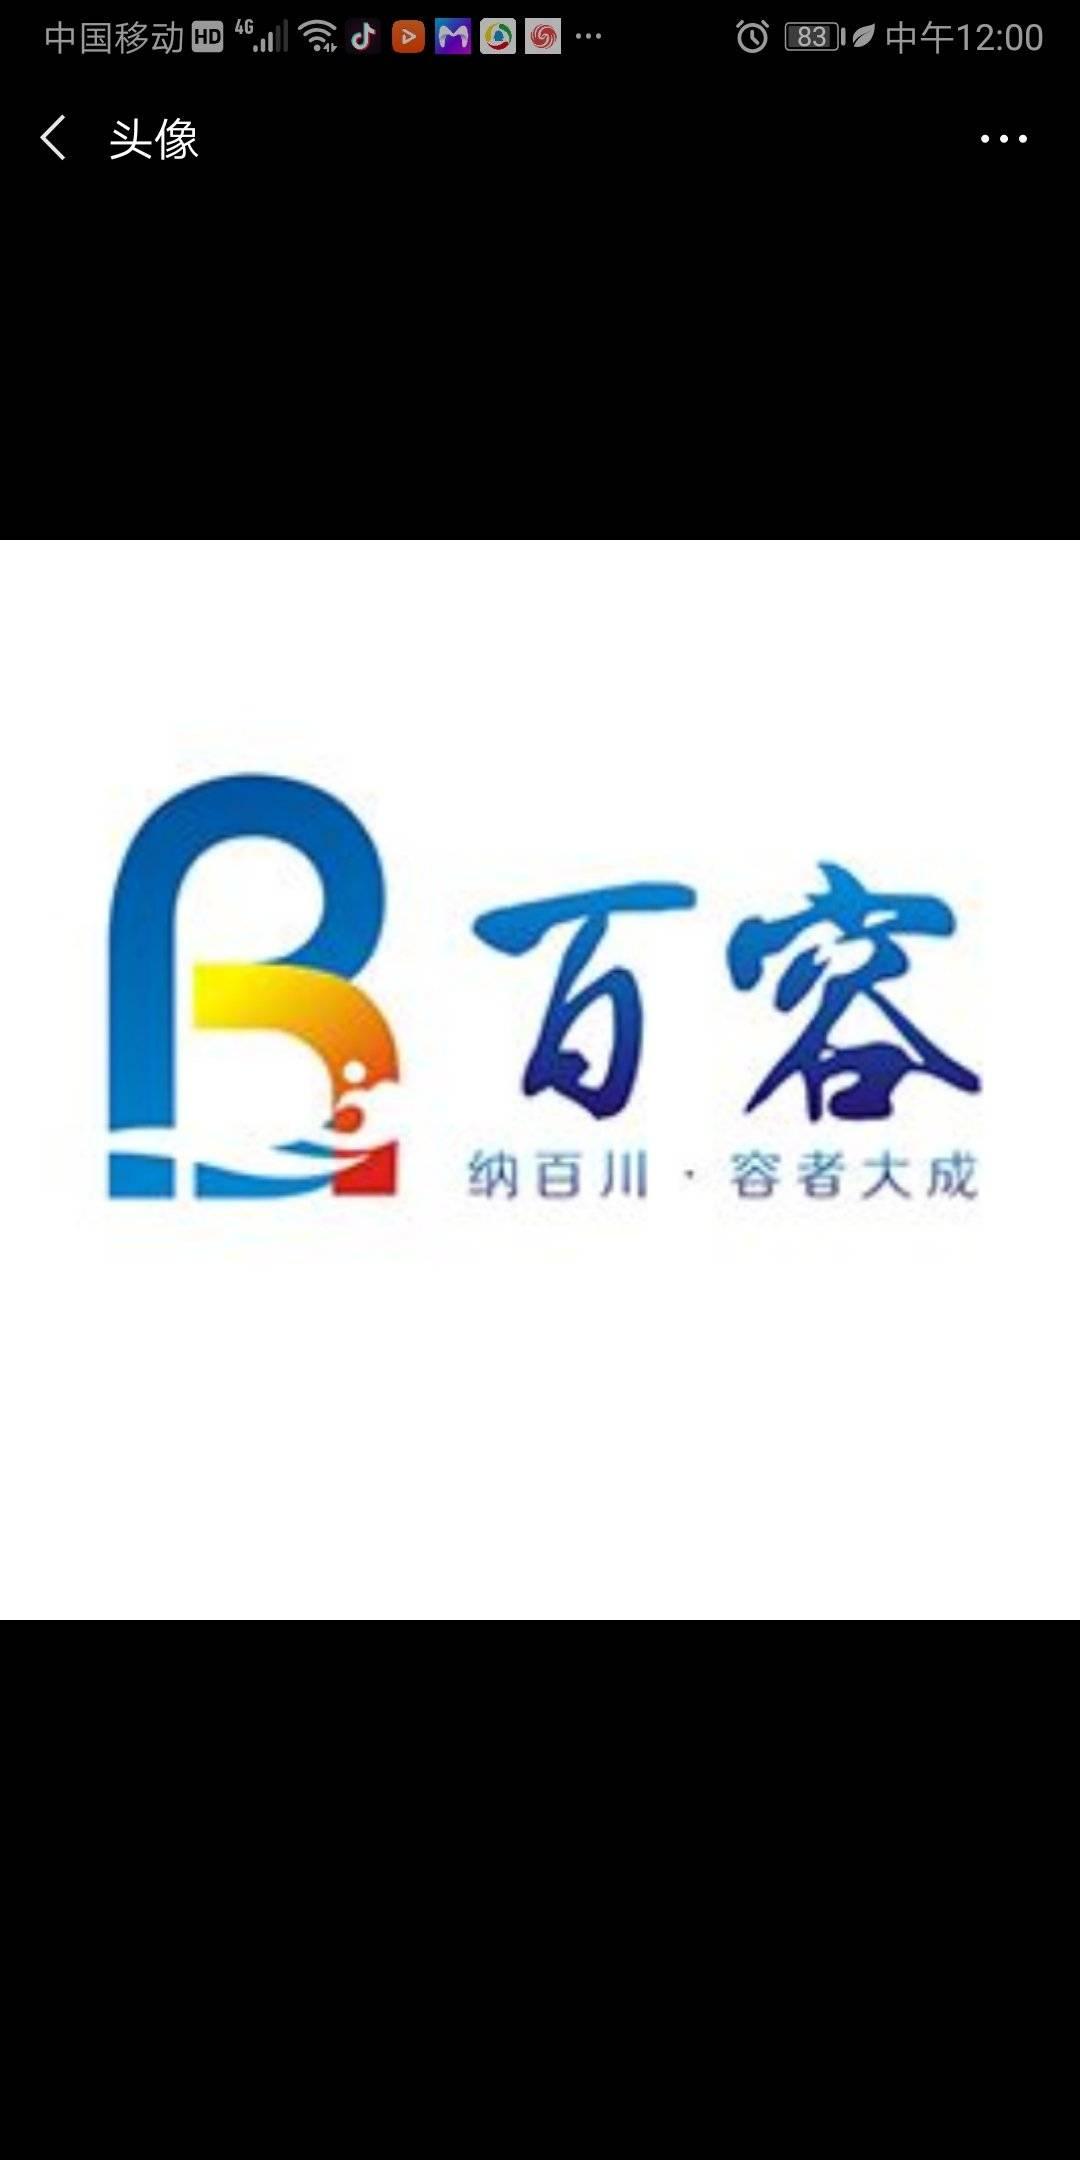 世纪百容物流 长沙县至通州区专线物流货运公司 查56物流信息平台